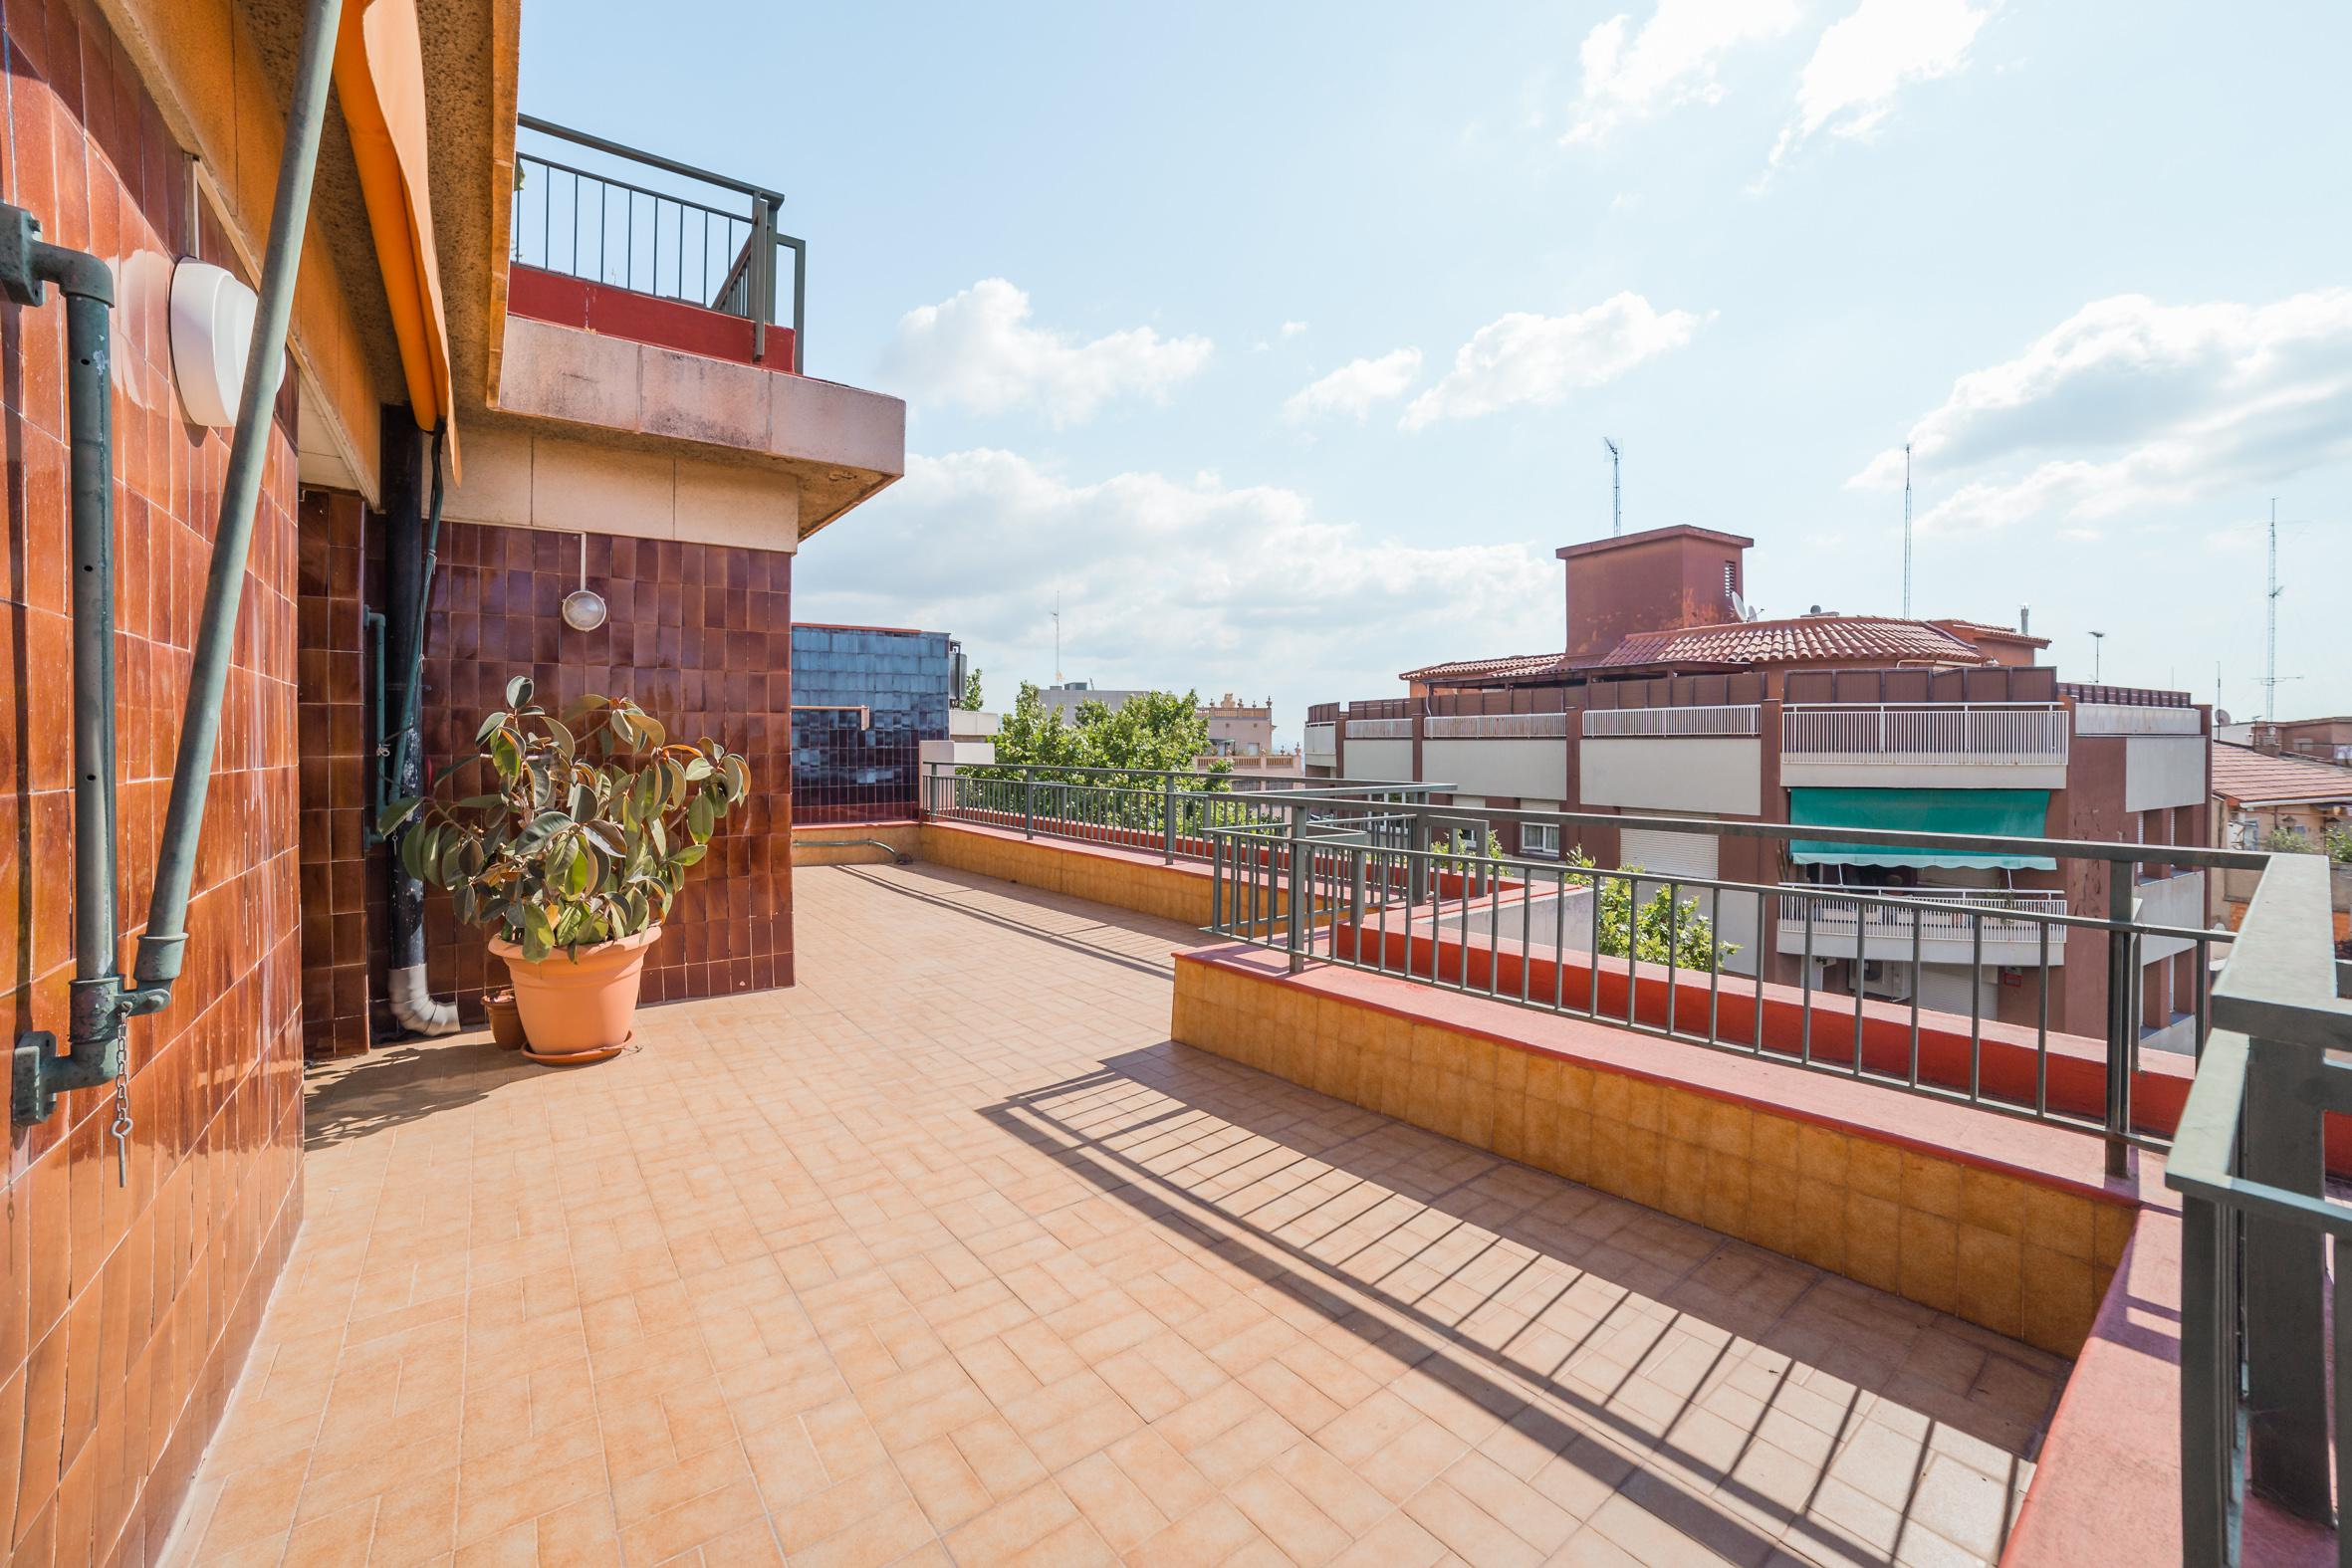 251036 Ático en venta en Horta-Guinardó, El Guinardó 18